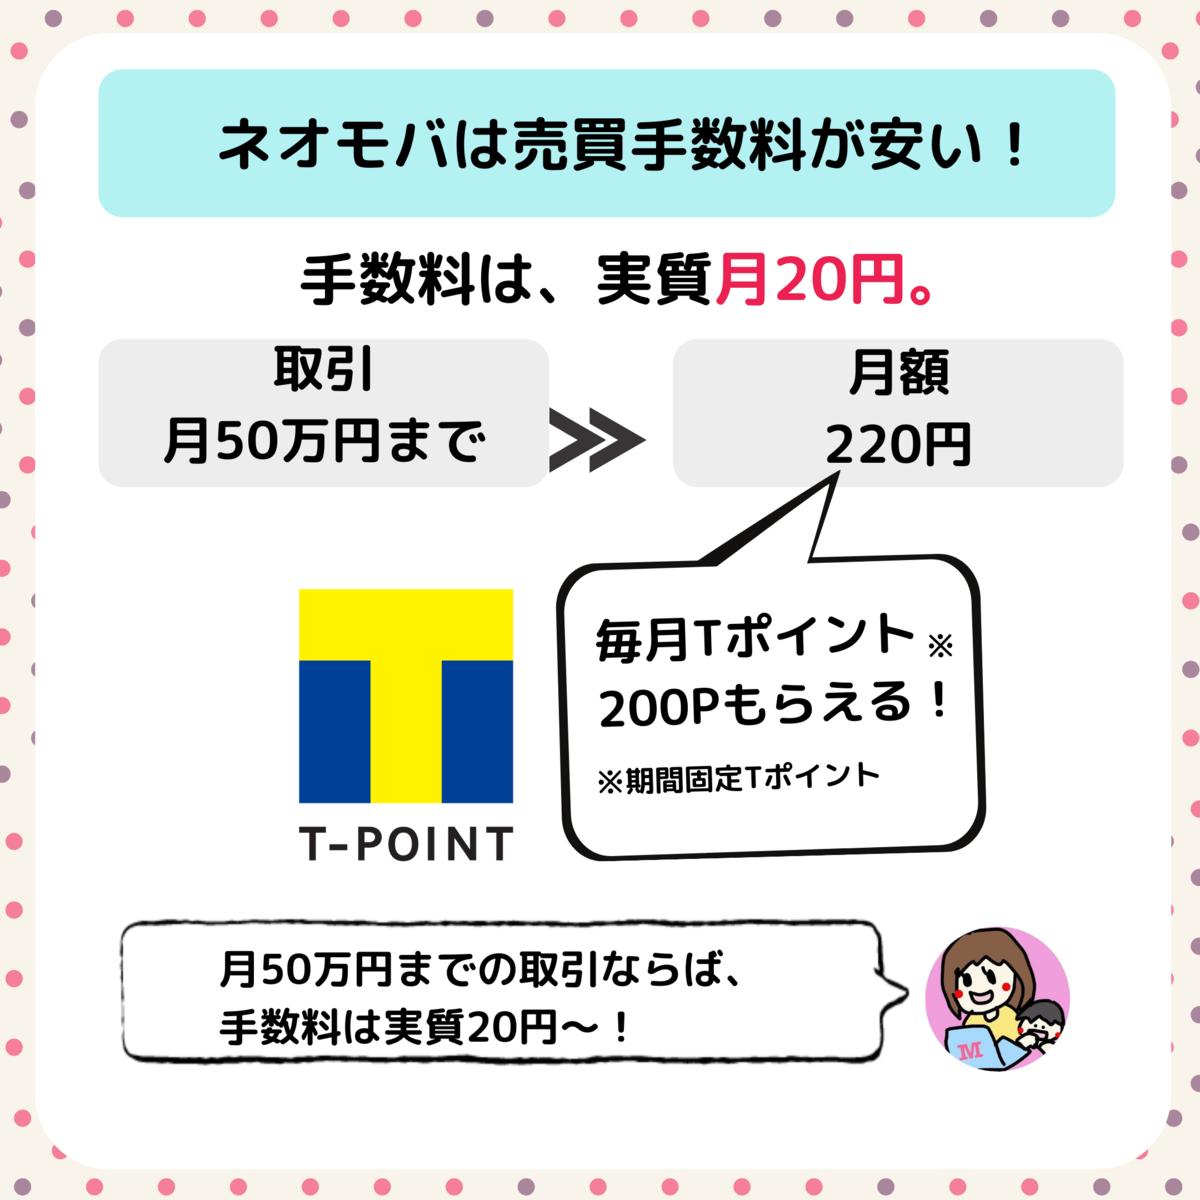 f:id:mykotoba:20201126162928p:plain